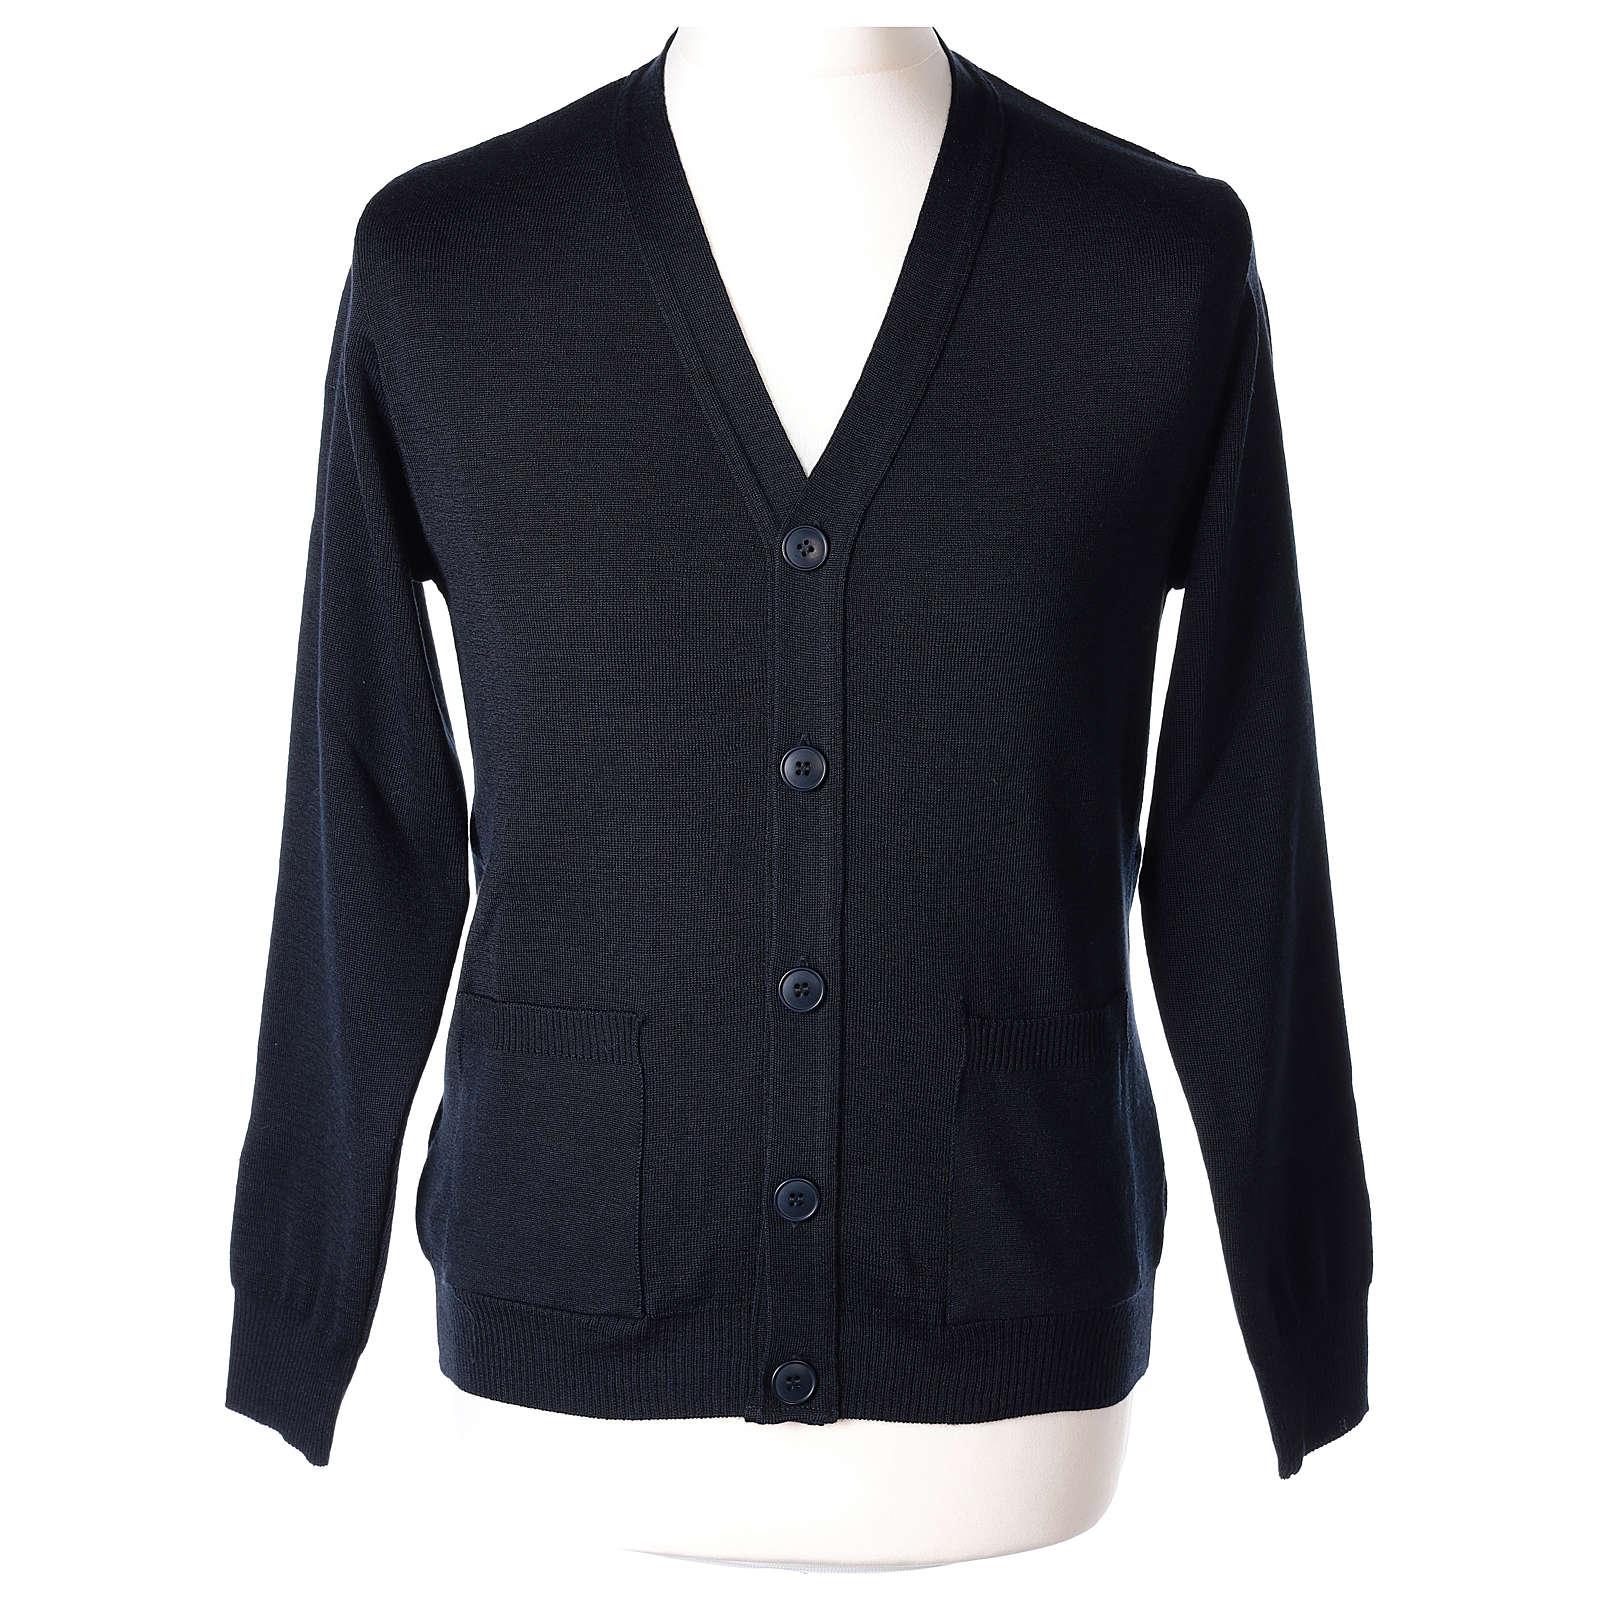 Gilet prêtre bleu poches et boutons tricot uni 50% acrylique 50% laine mérinos In Primis 4